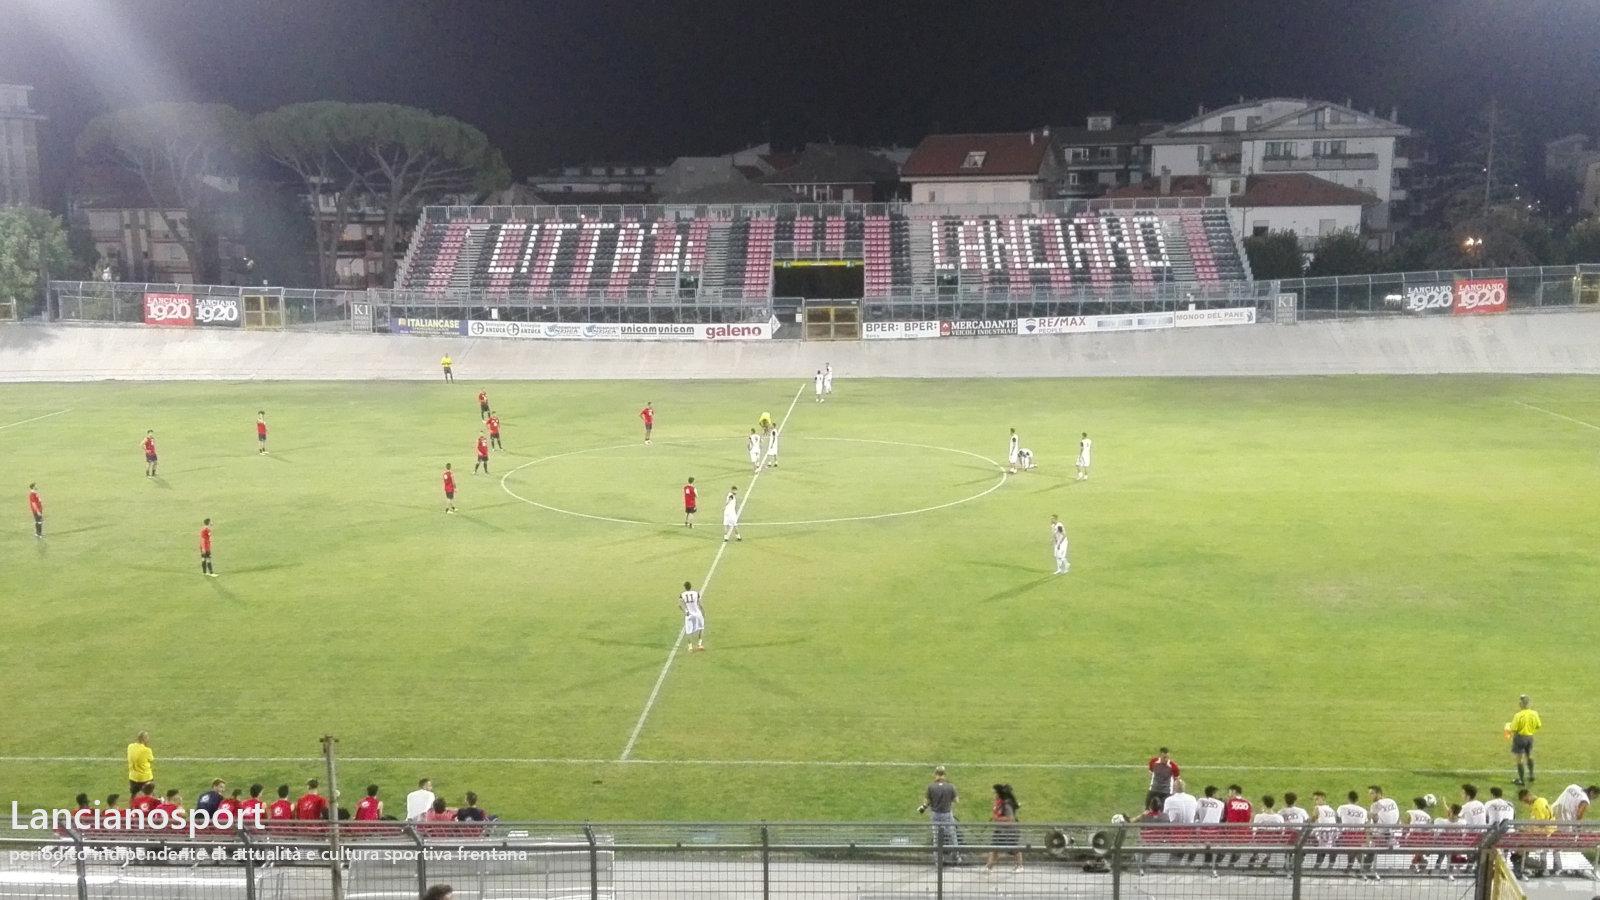 Lanciano chiude il precampionato superando 4-2 L'Atessa Mario Tano